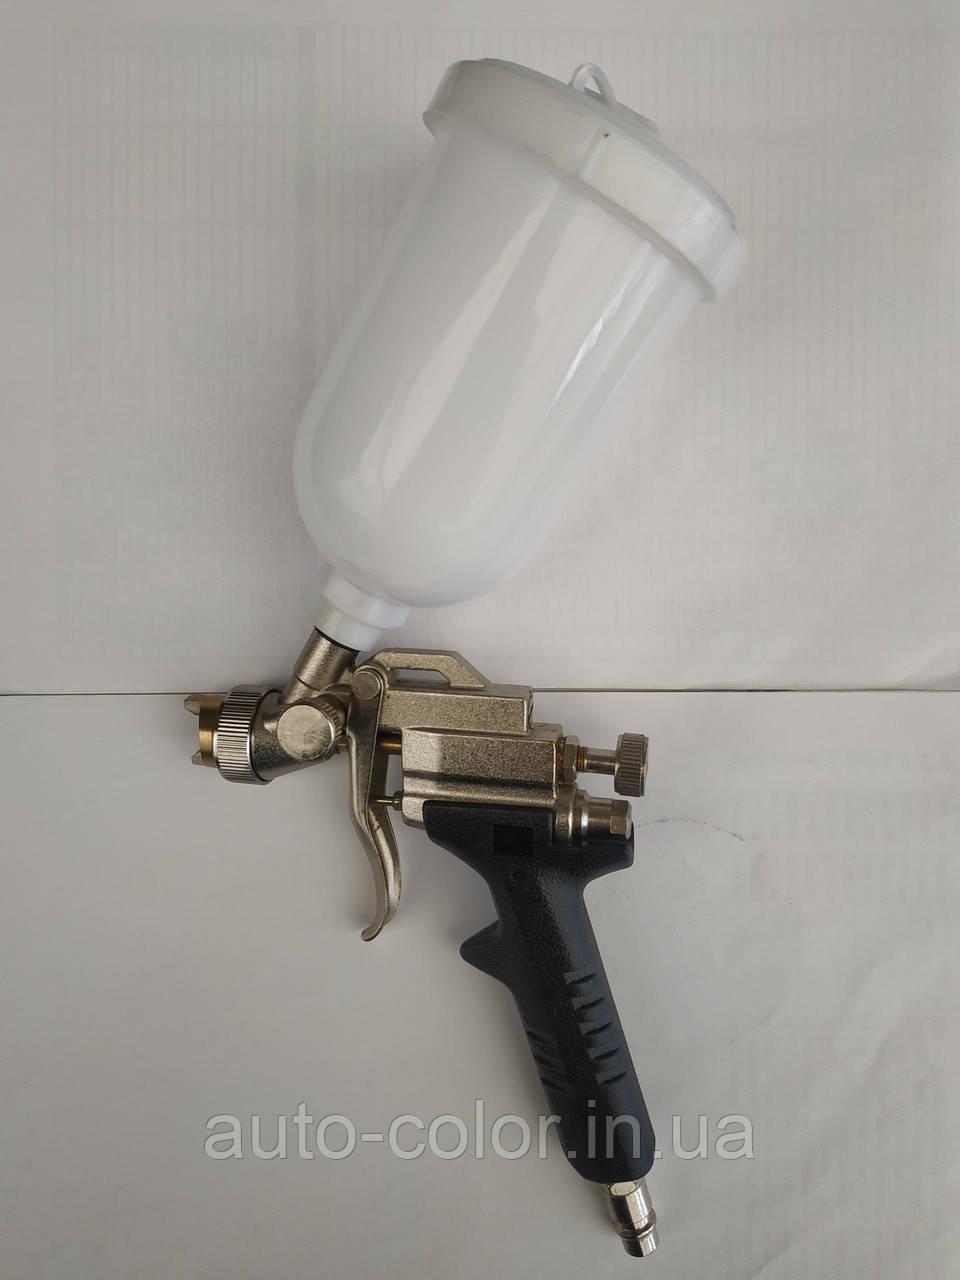 GAV Фарбопульт міні HVLP дюза 0.5